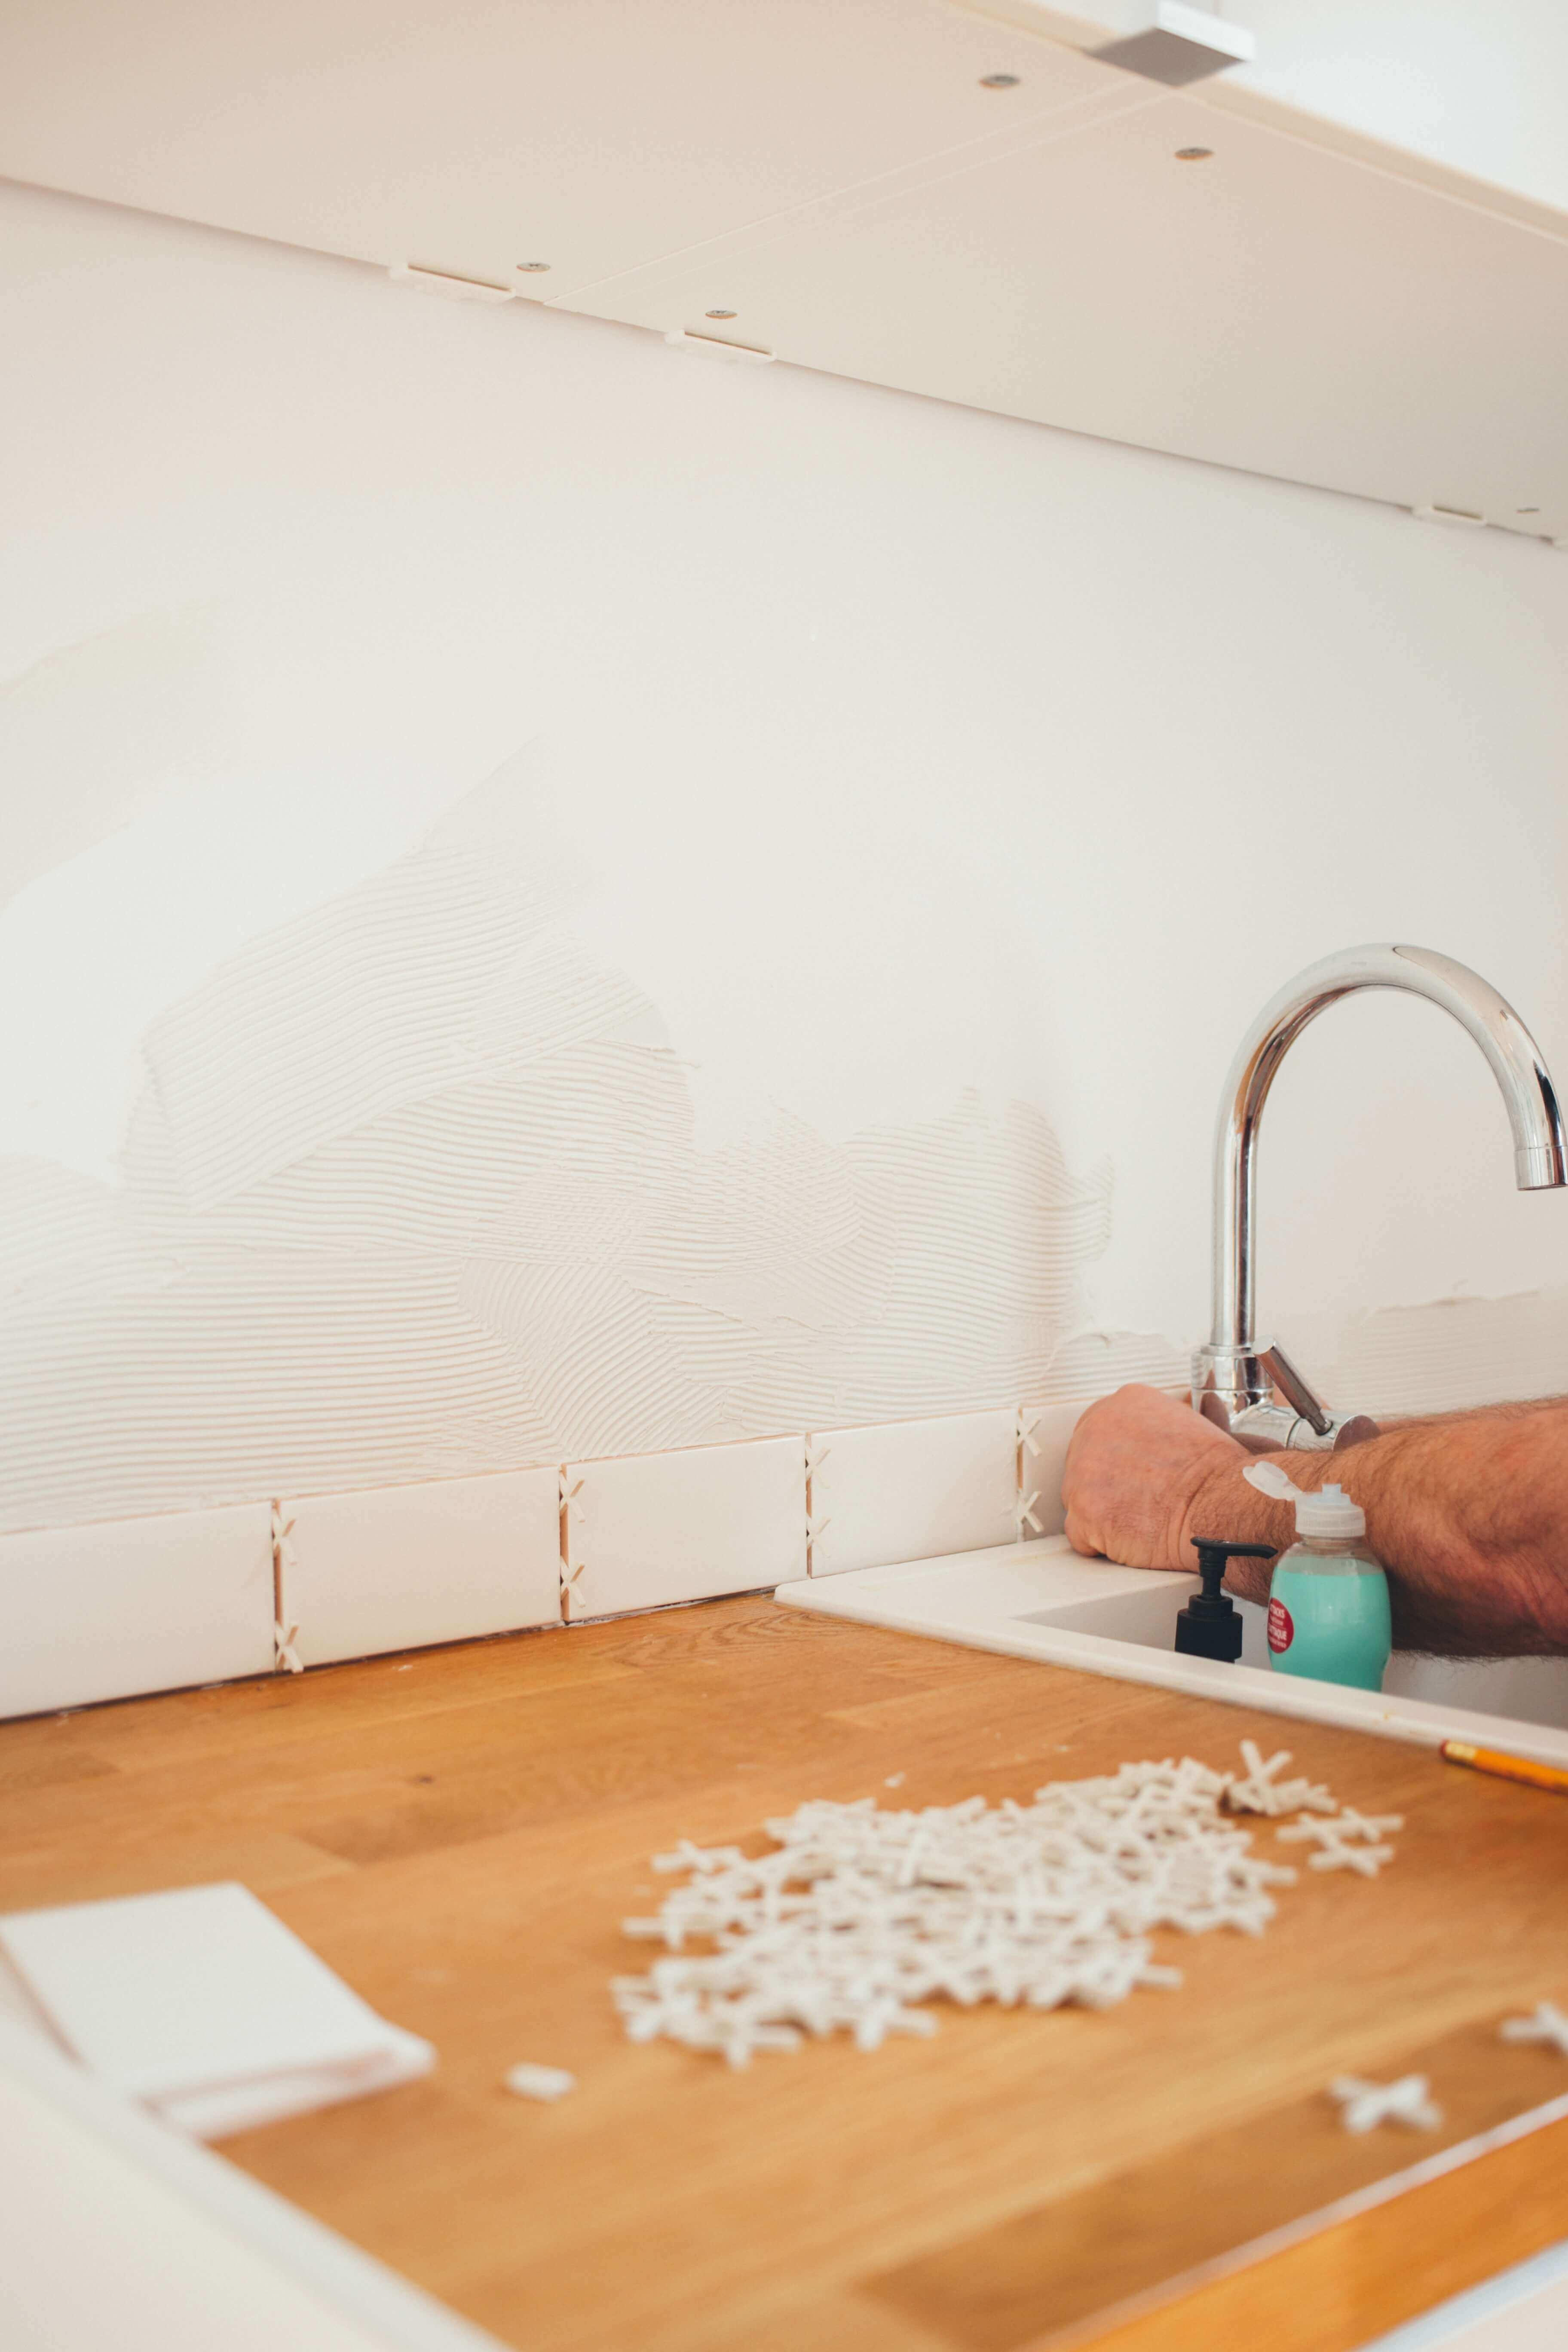 Main repairing a house.